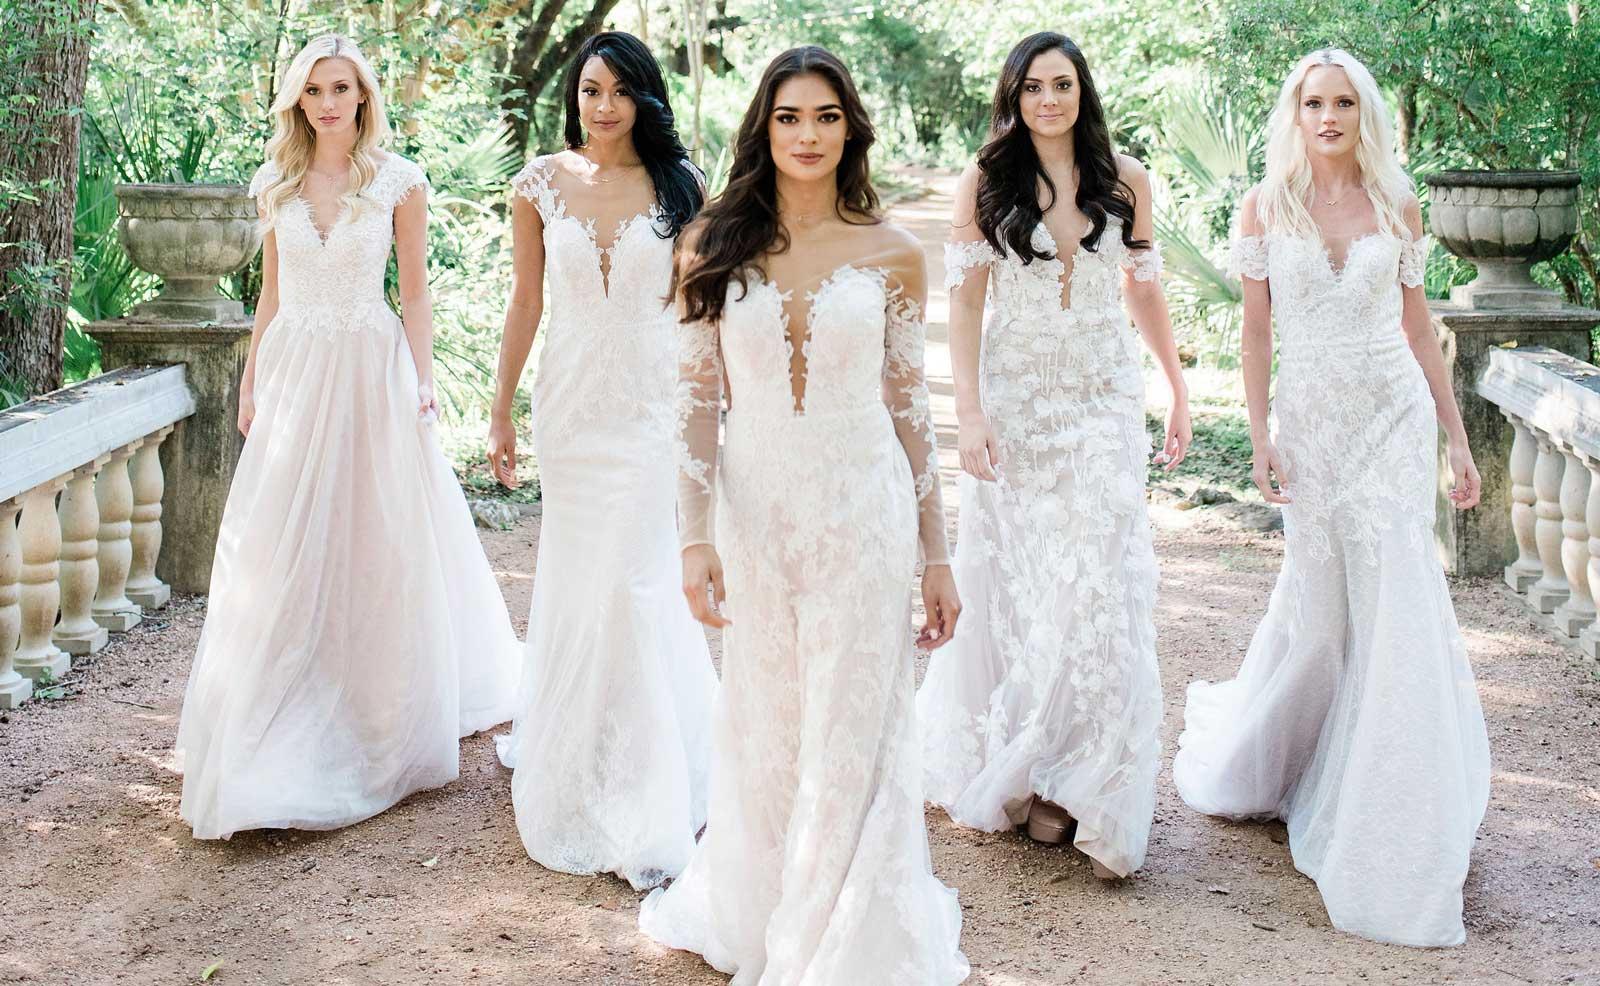 romatique robes de mariée tendance 2019